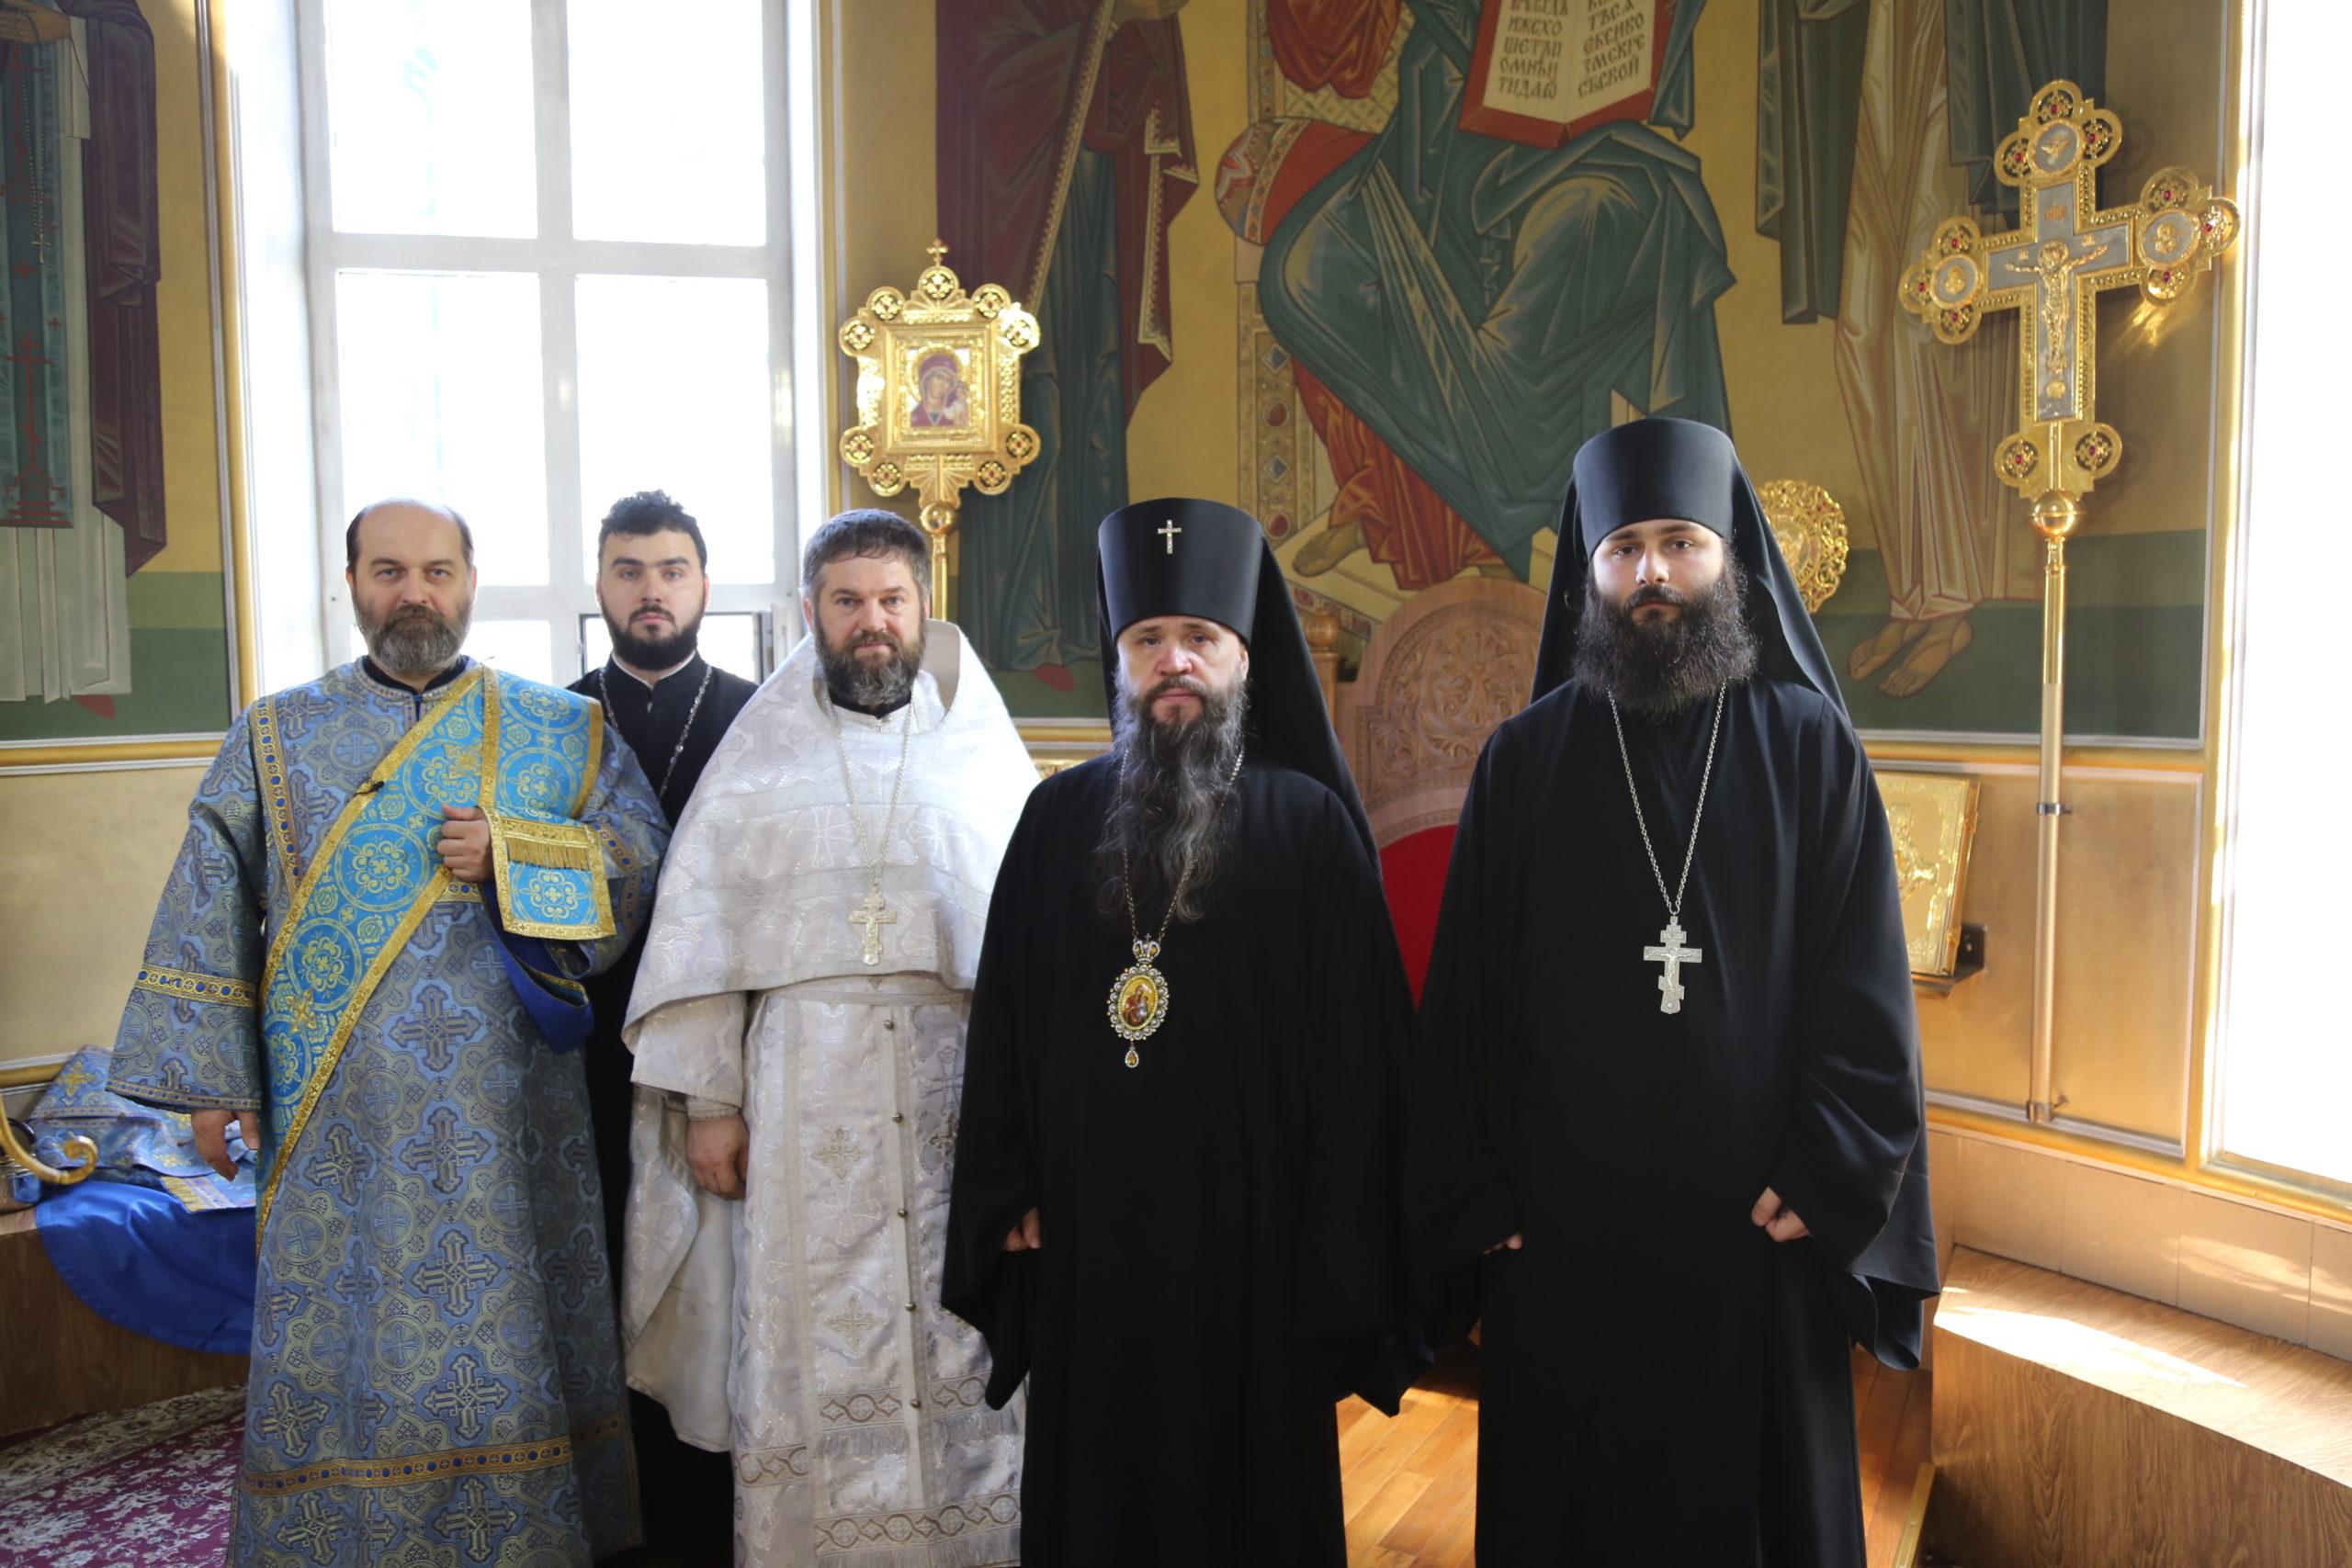 В праздник Покрова Пресвятой Богородицы архиепископ Варлаам совершил Литургию и священническую хиротонию в Успенском соборе Махачкалы